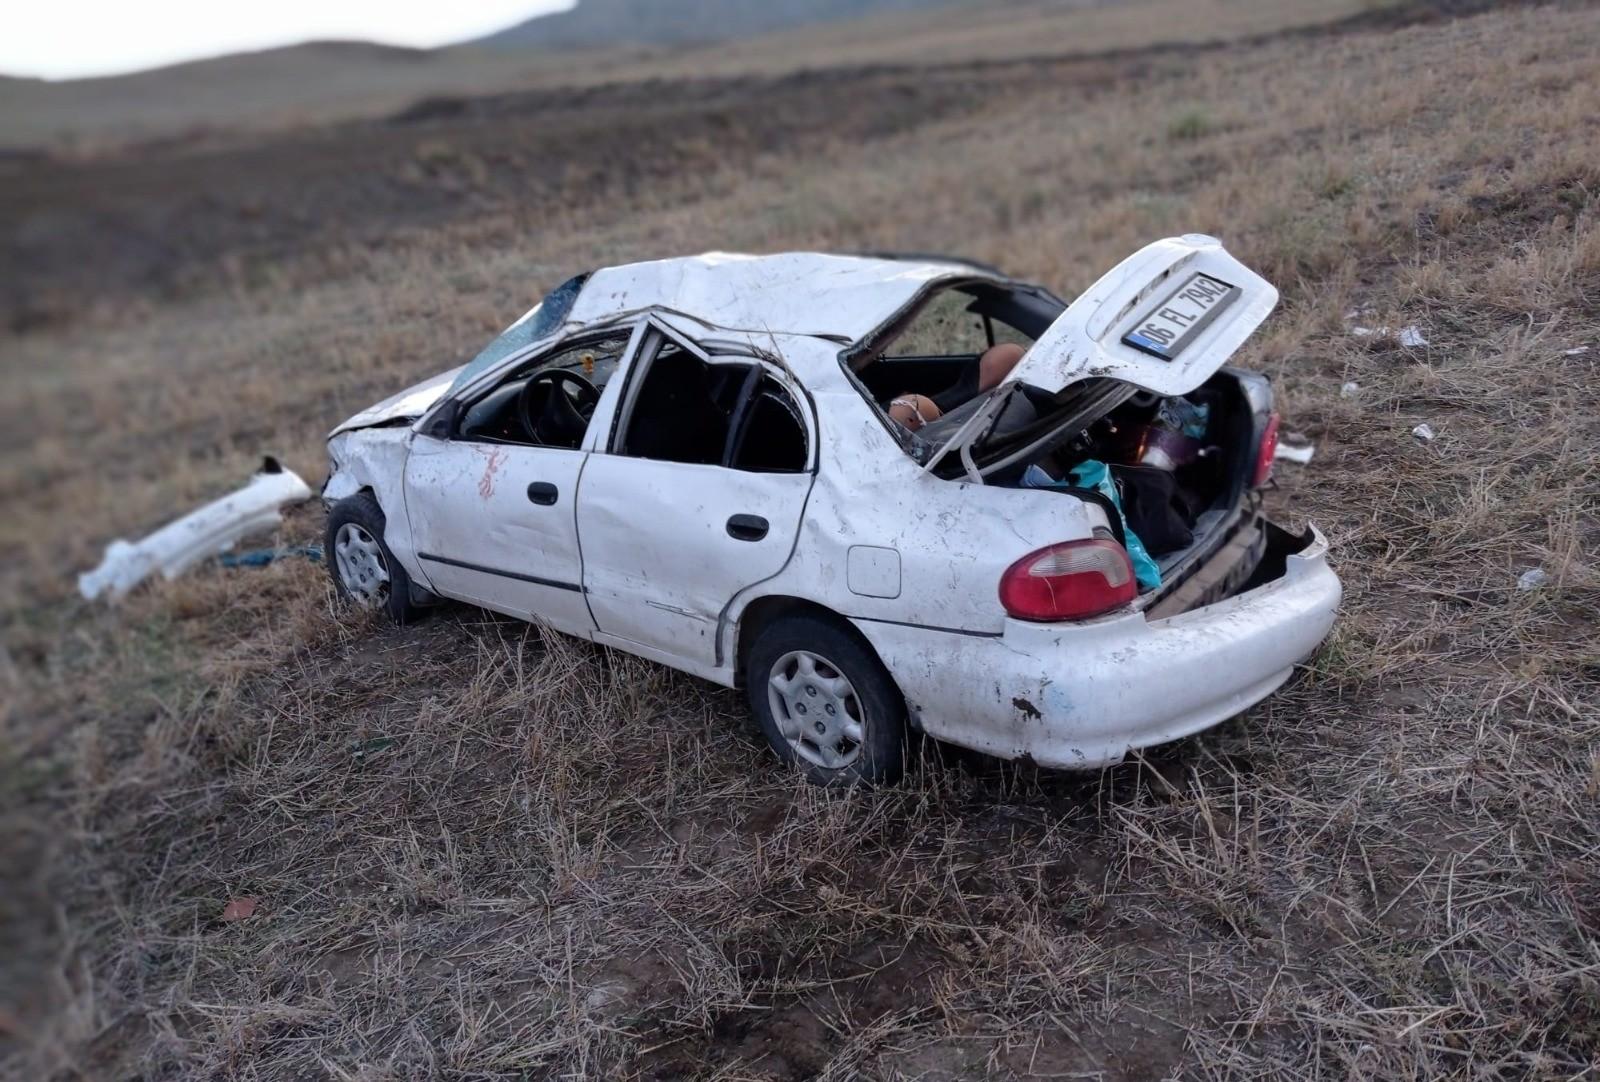 Kontrolden çıkan otomobil devrildi: 2'si ağır 5 yaralı #corum